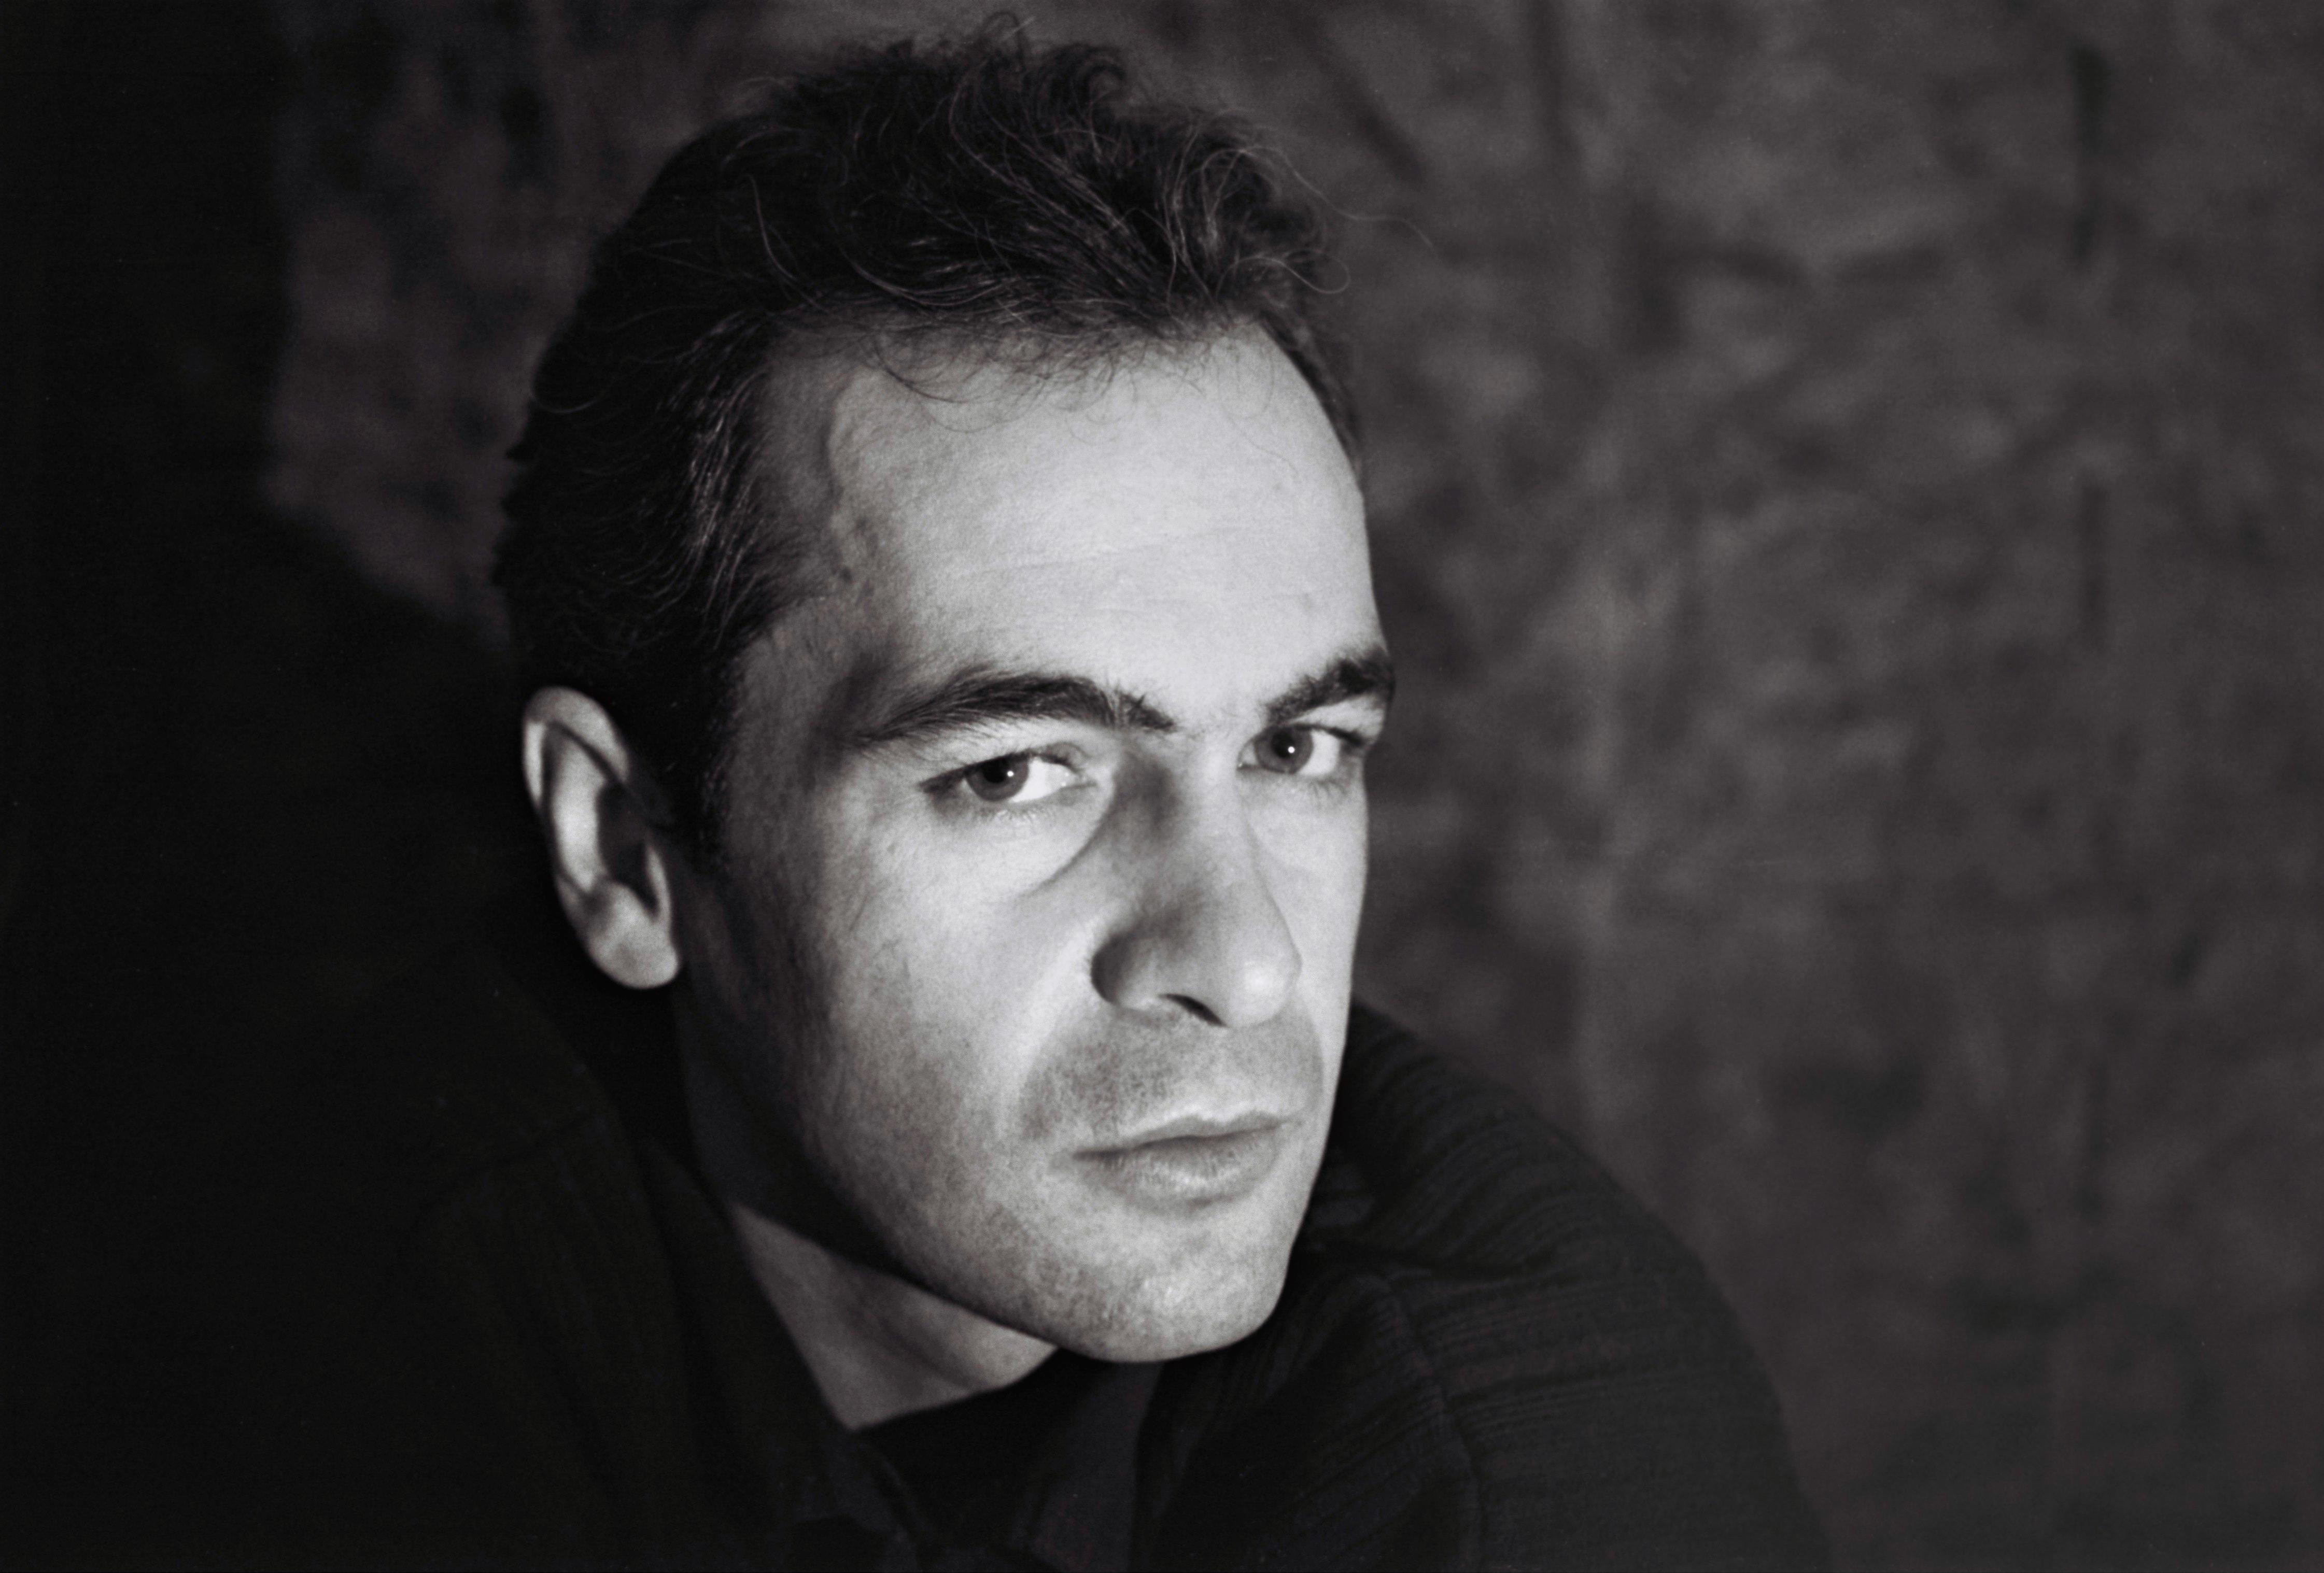 La desconocida vida de Toño Martín, el cantante que colmó de actitud al rock español al frente de Burning